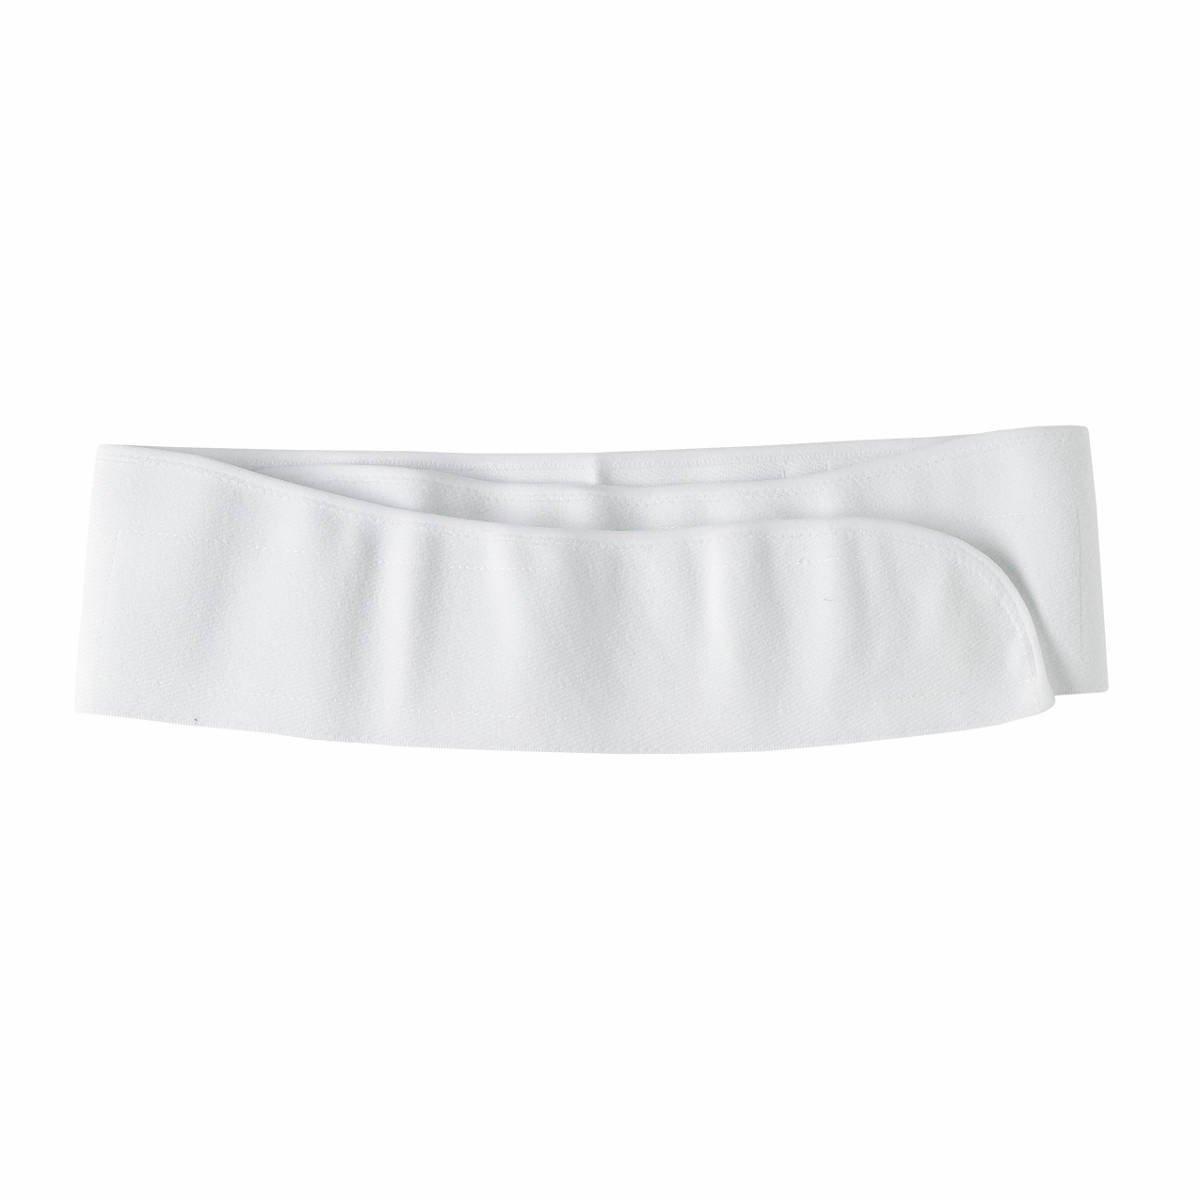 Chicco 00001126000010 - Faja banda para embarazada, talla S, color blanco